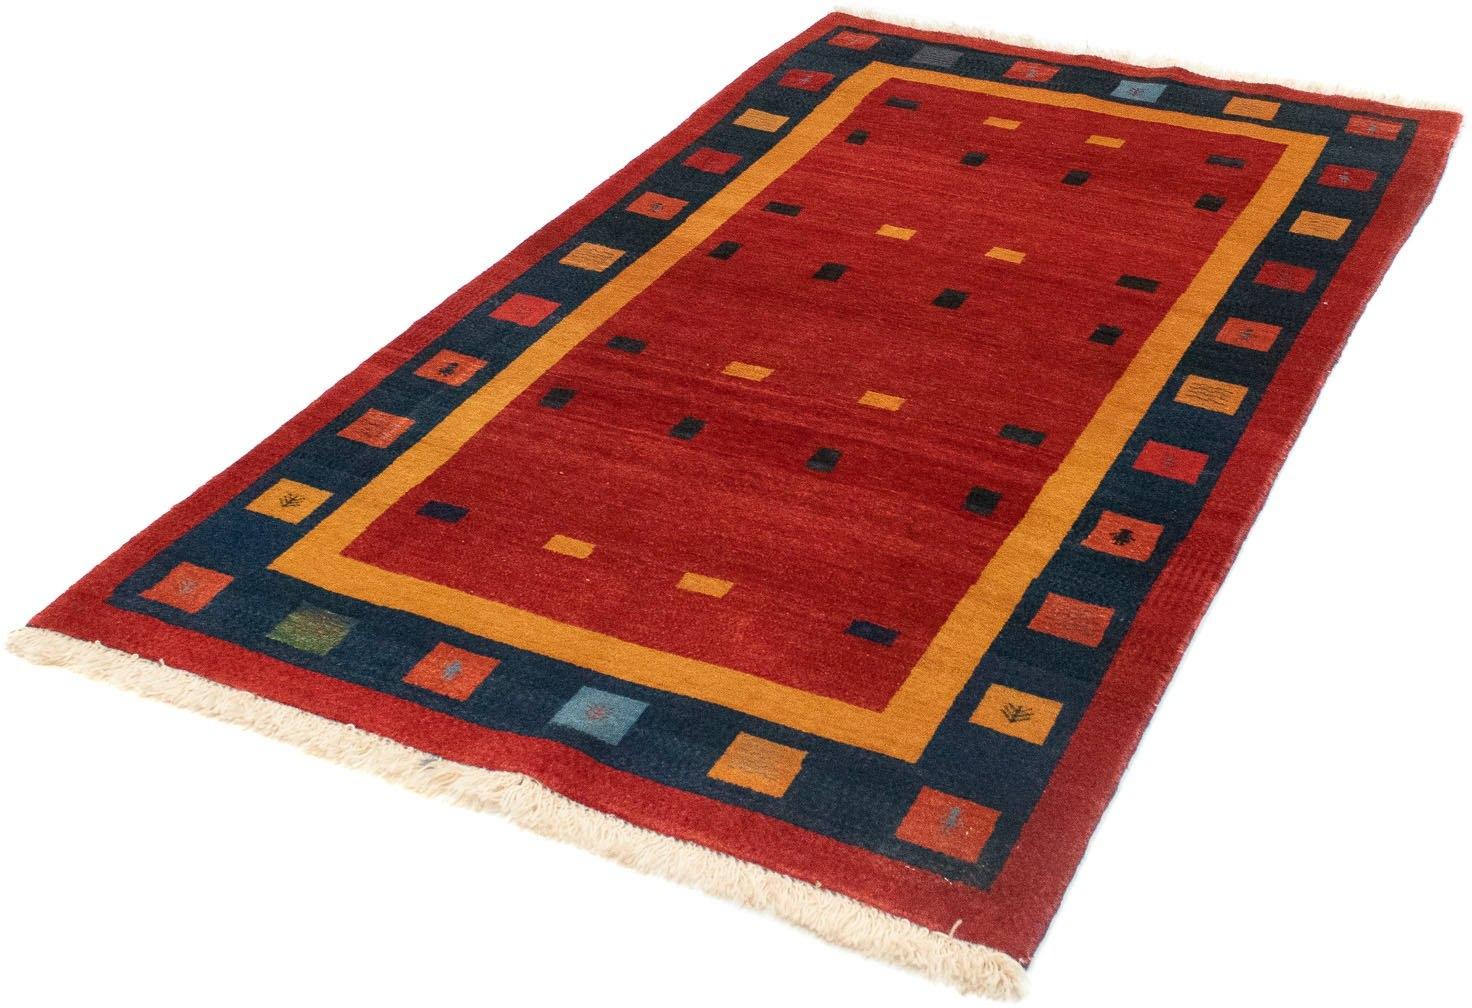 morgenland wollen kleed Loribaft Teppich handgeknüpft rot handgeknoopt nu online bestellen